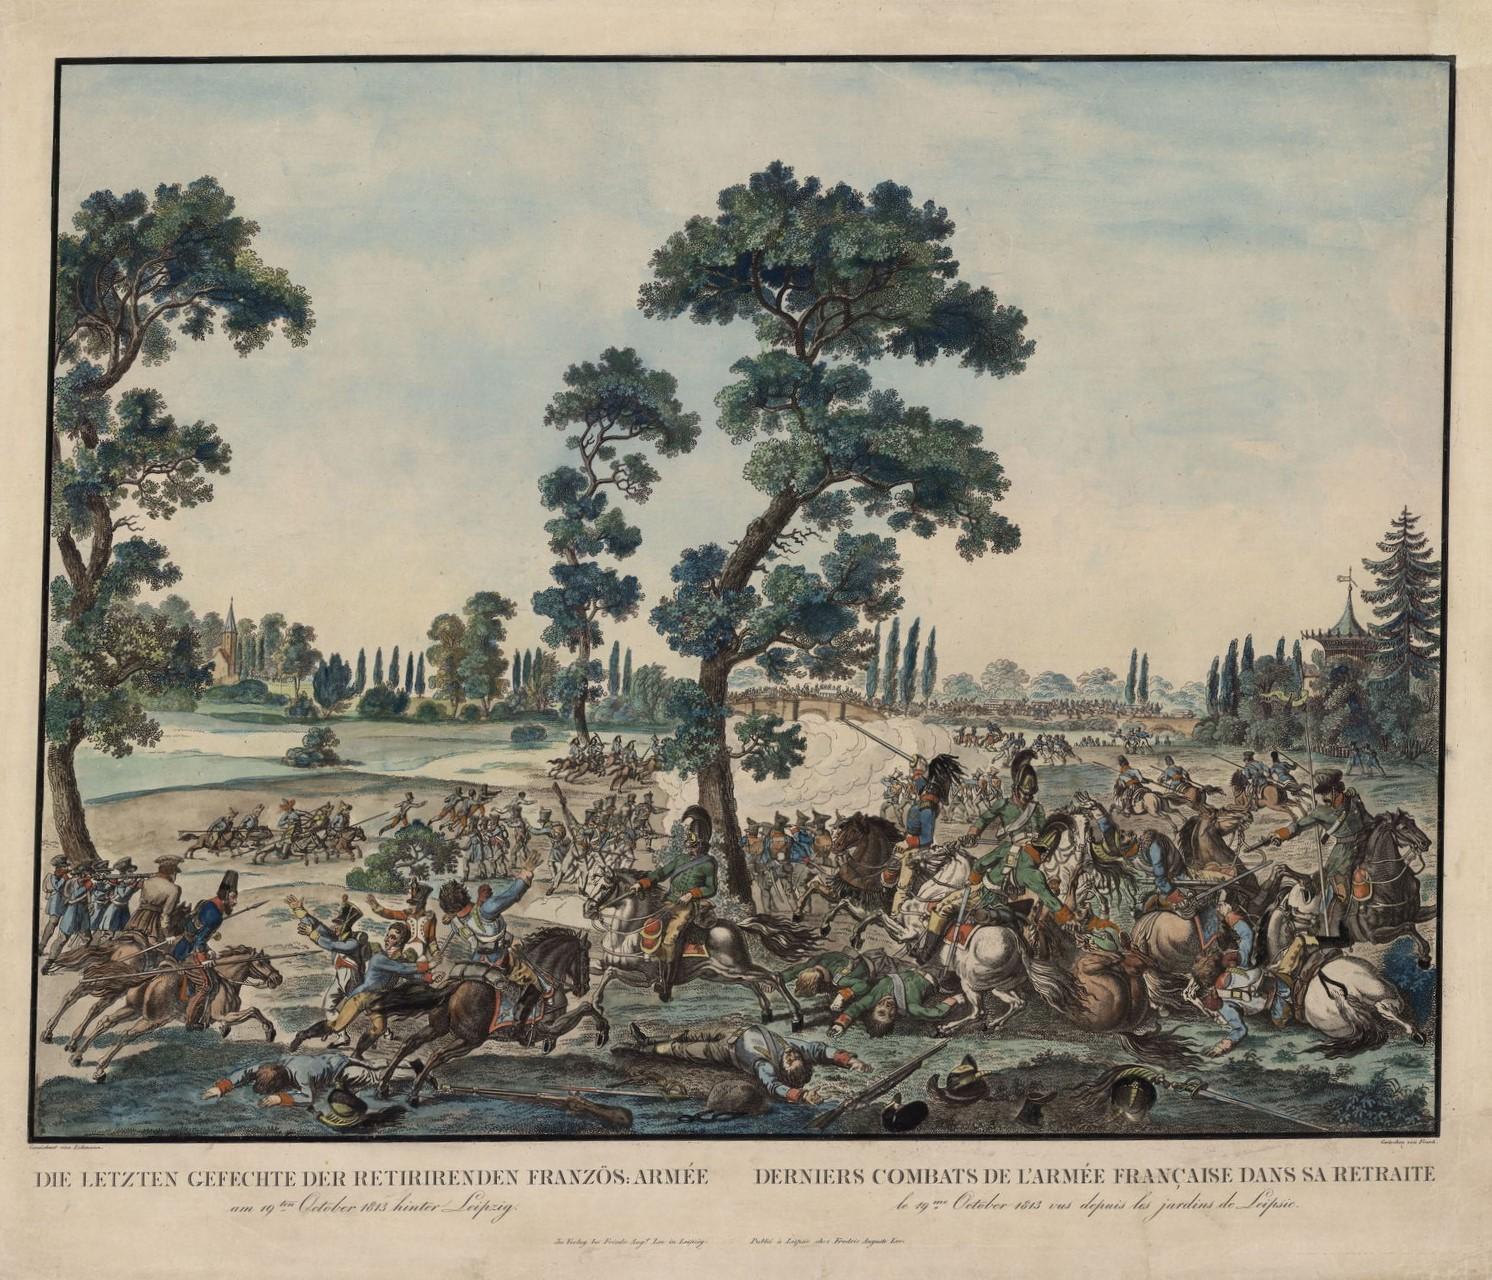 К. Фрош по рисунку Ф. Лемана Последние сражения французской армии 19 октября 1813 года в садах Лейпцига. Около 1820 г.